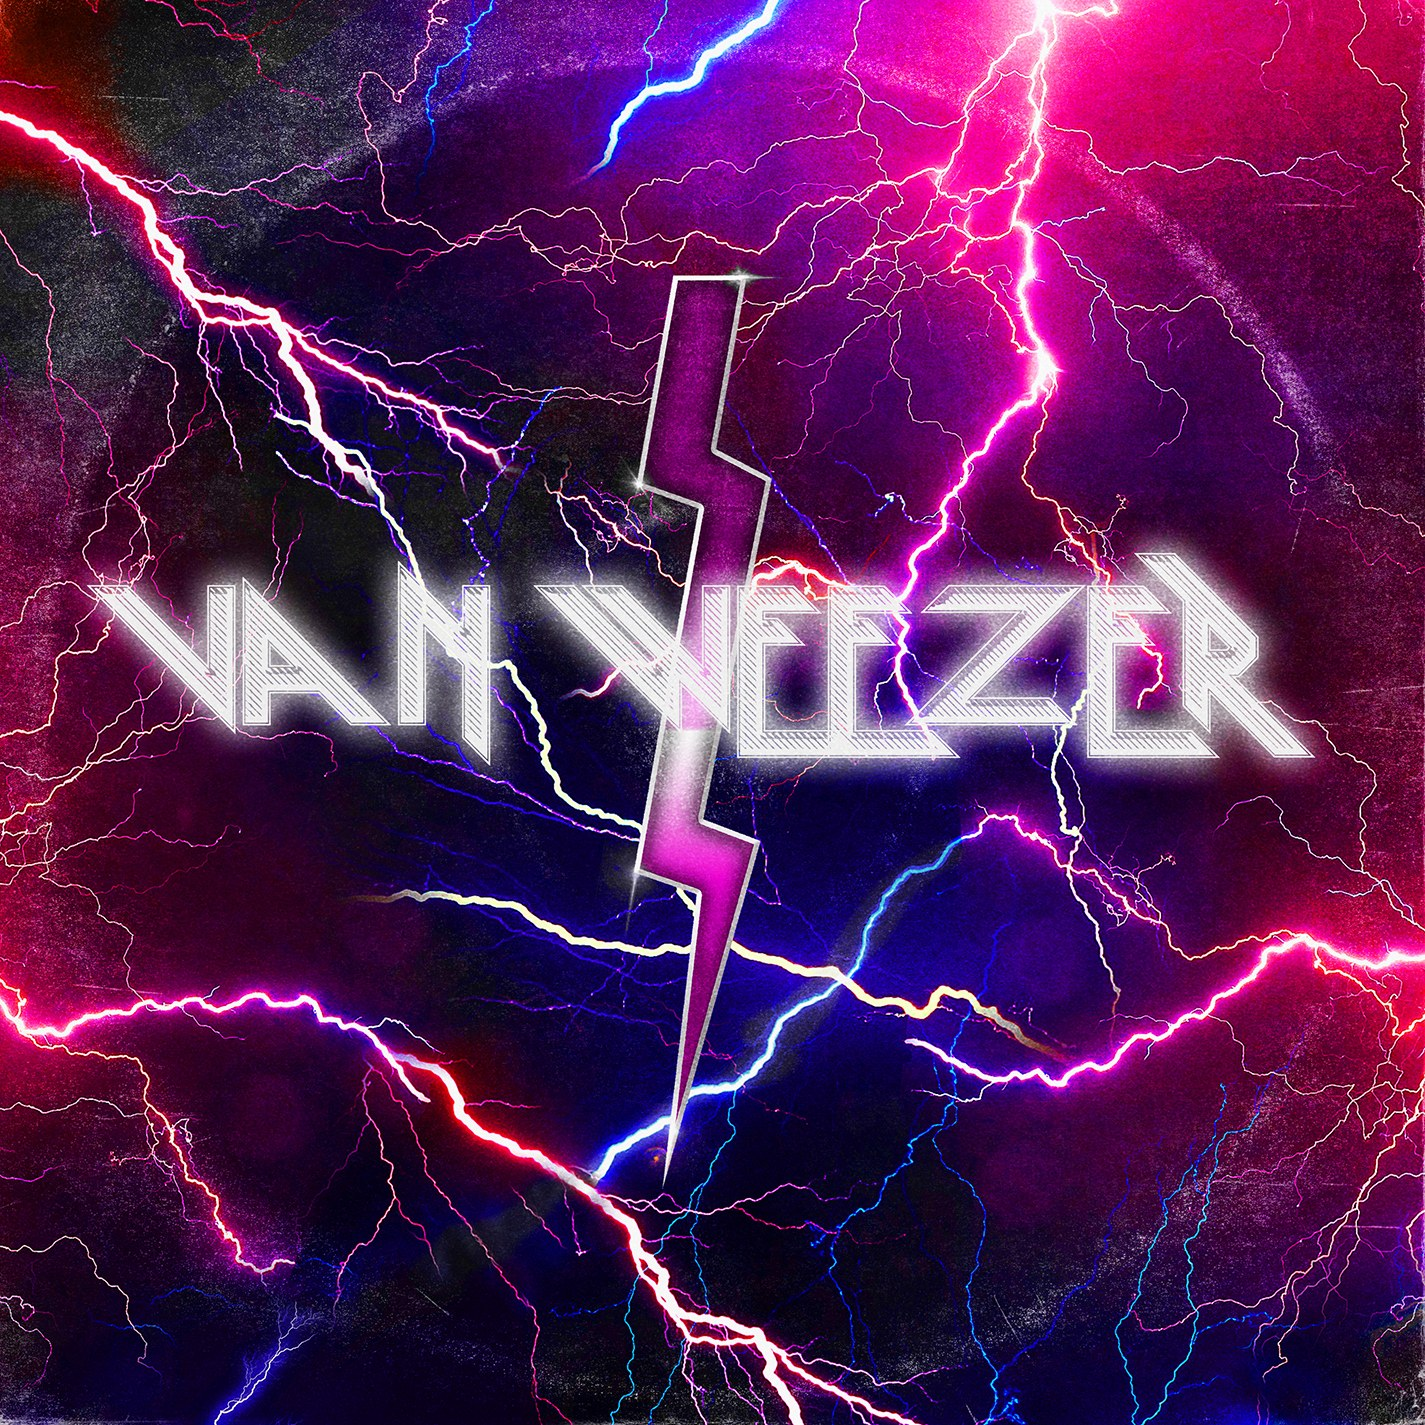 News – Weezer – Van Weezer – Hella Mega Tour